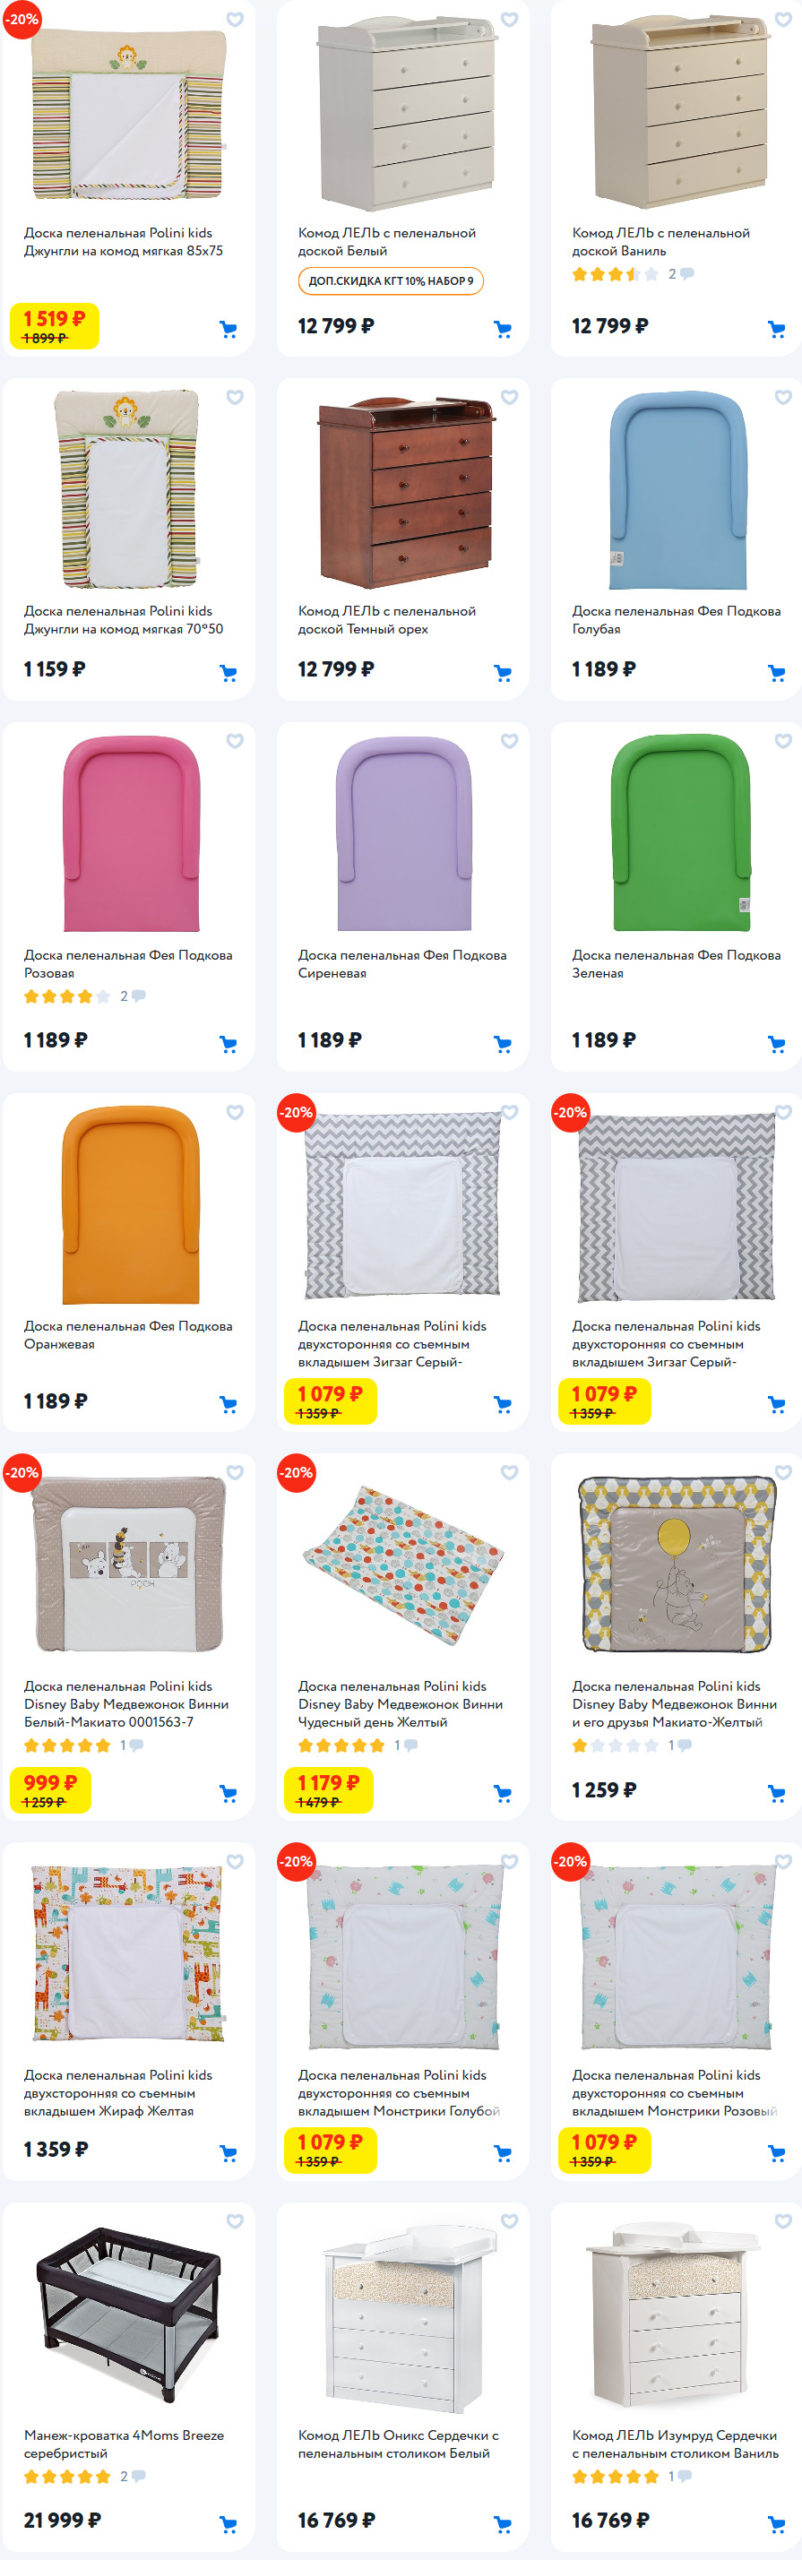 Кроватки, комоды, манежи и пеленальные доски